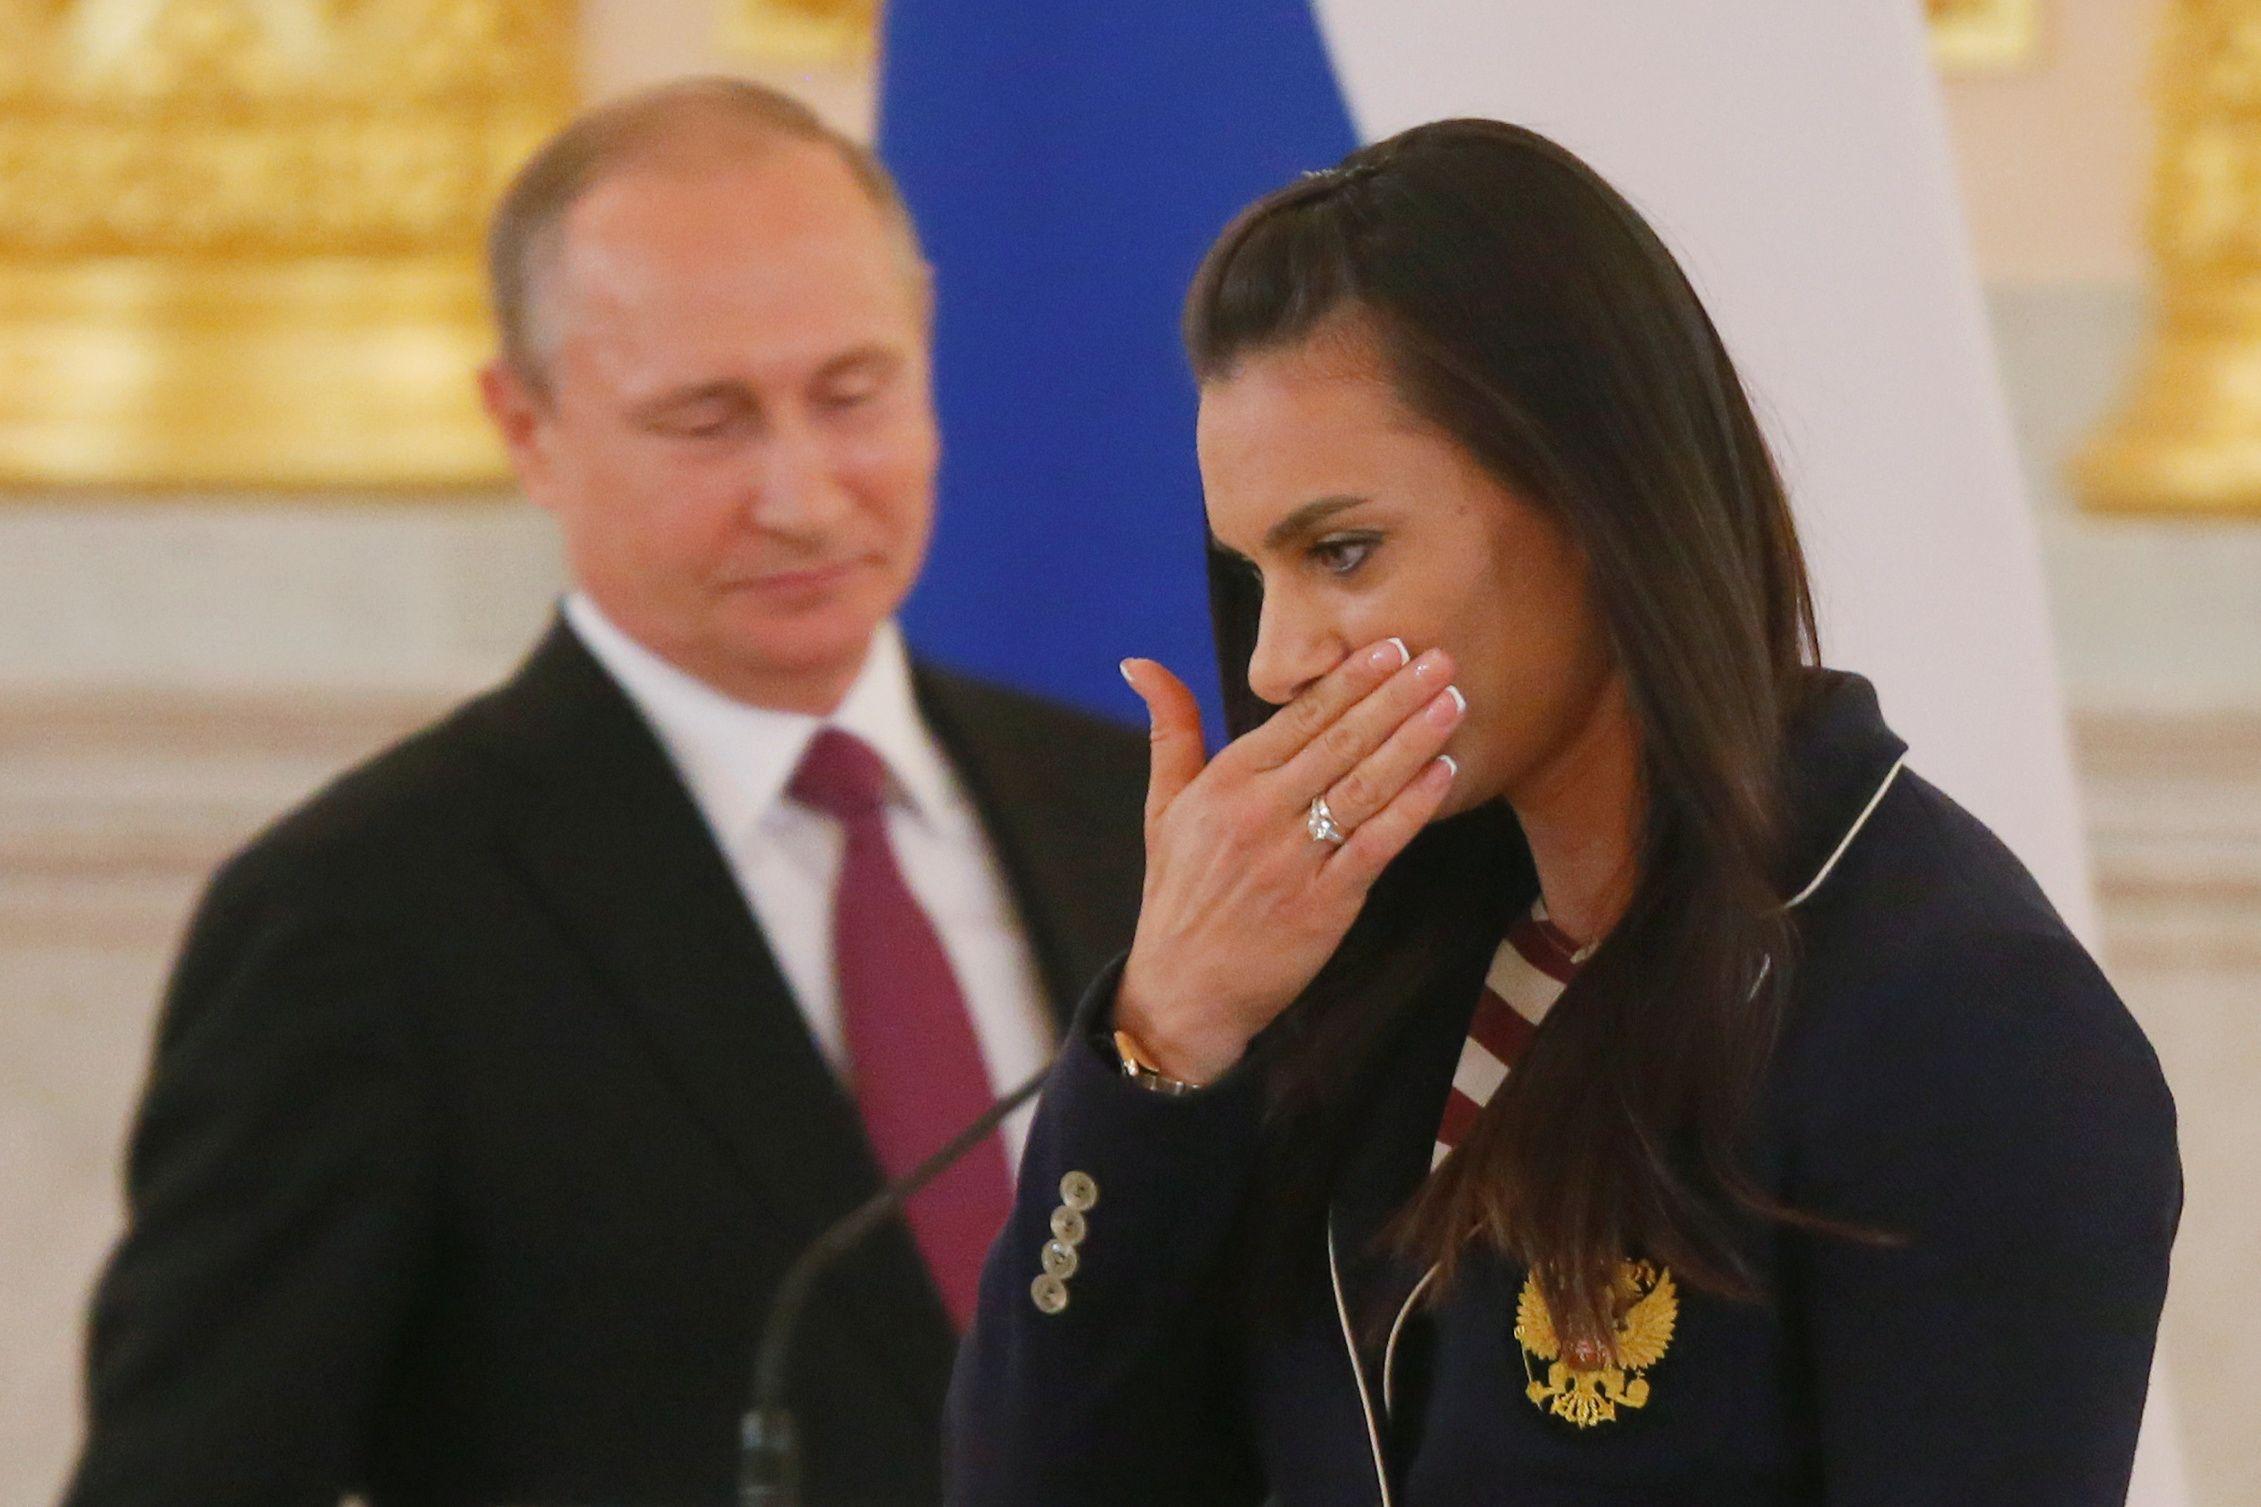 Vladimir Putin and Yelena Isinbayeva